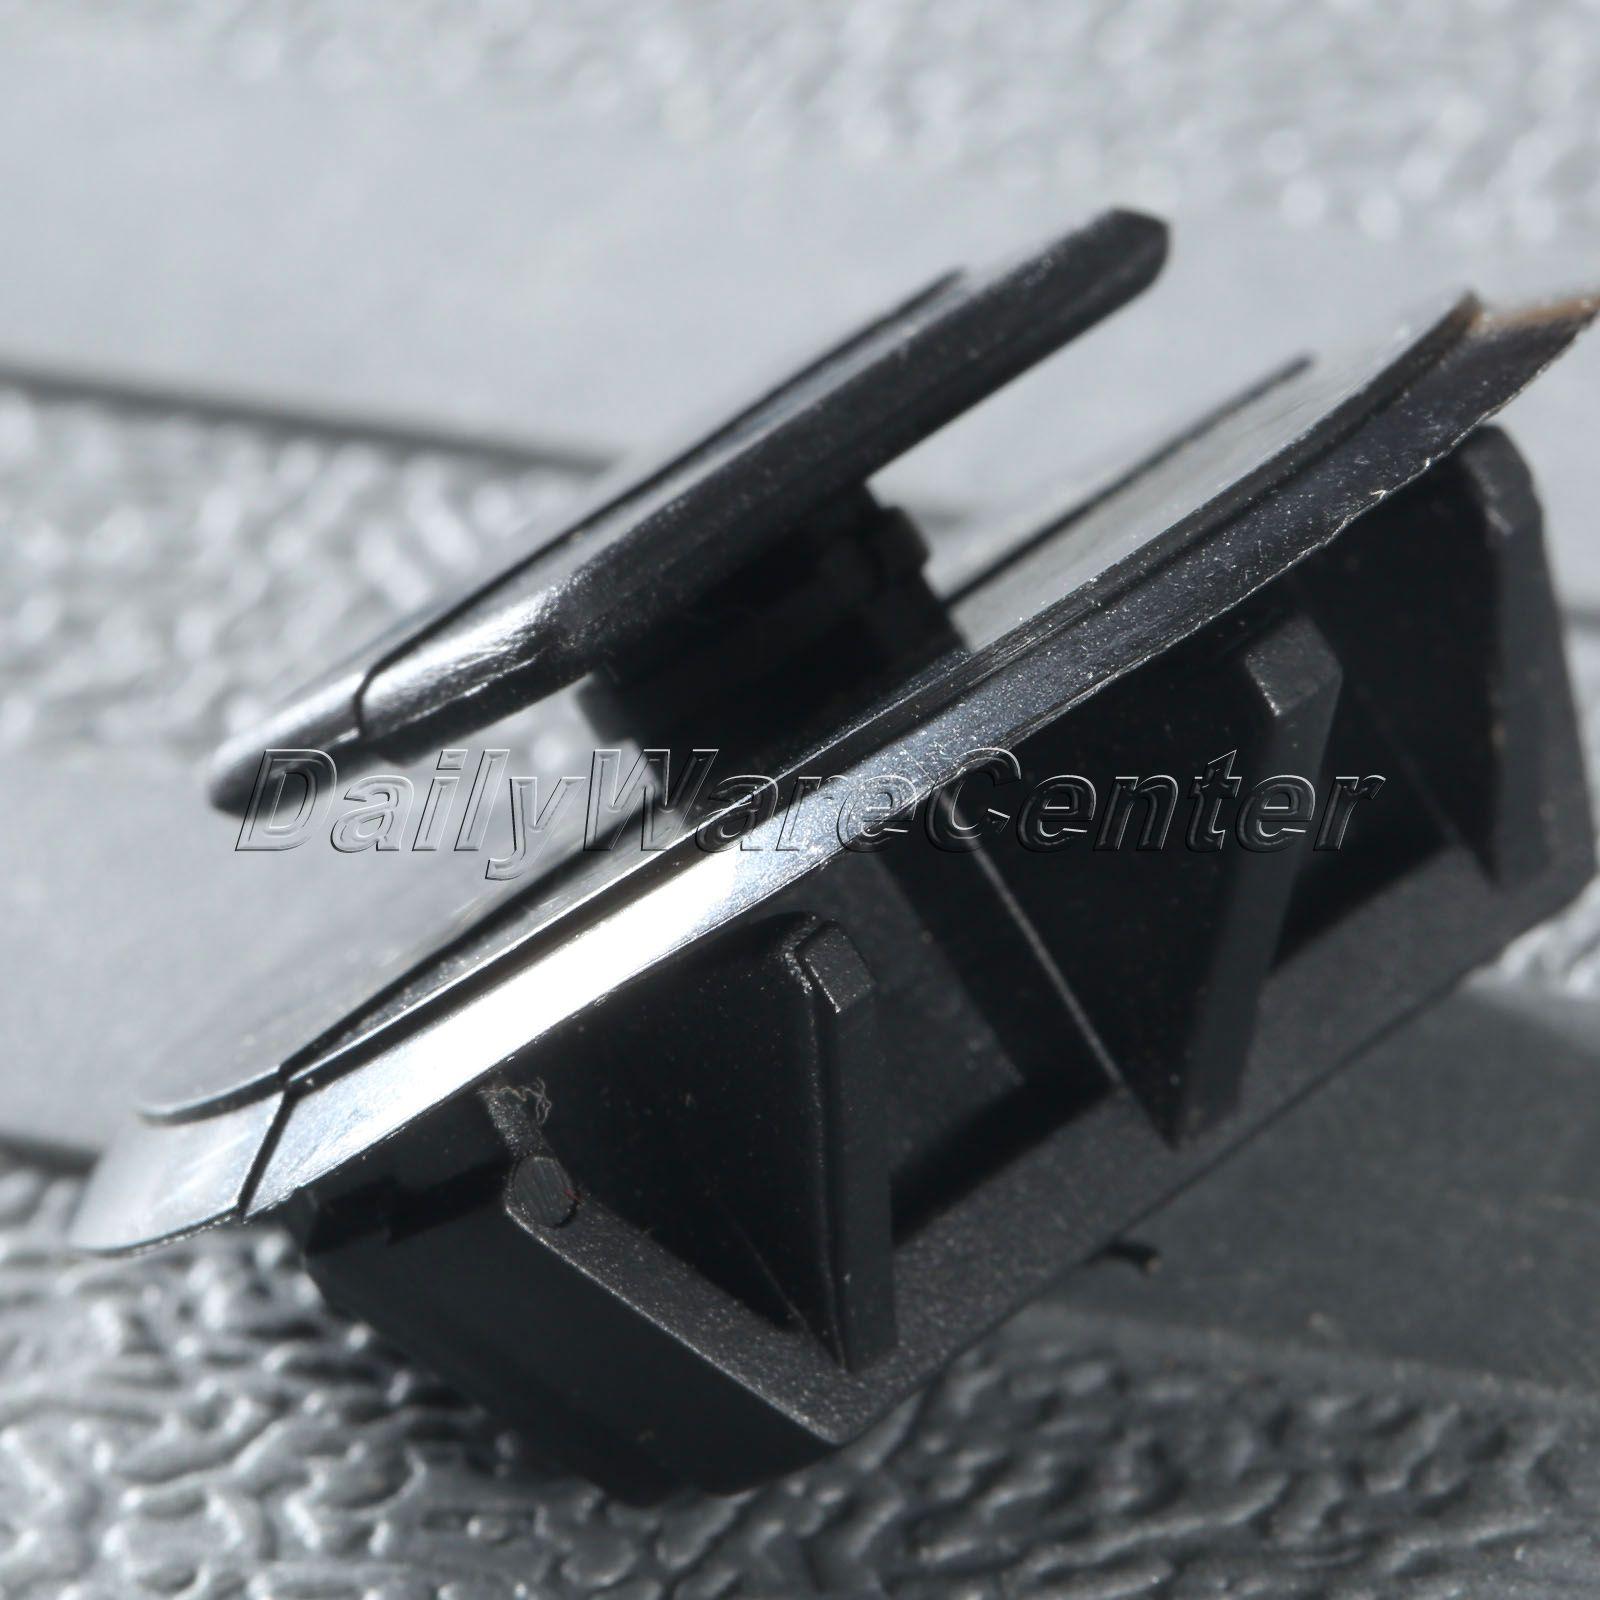 LX anillo del encendedor de cigarrillos aluminio pulido cromo BMW e36